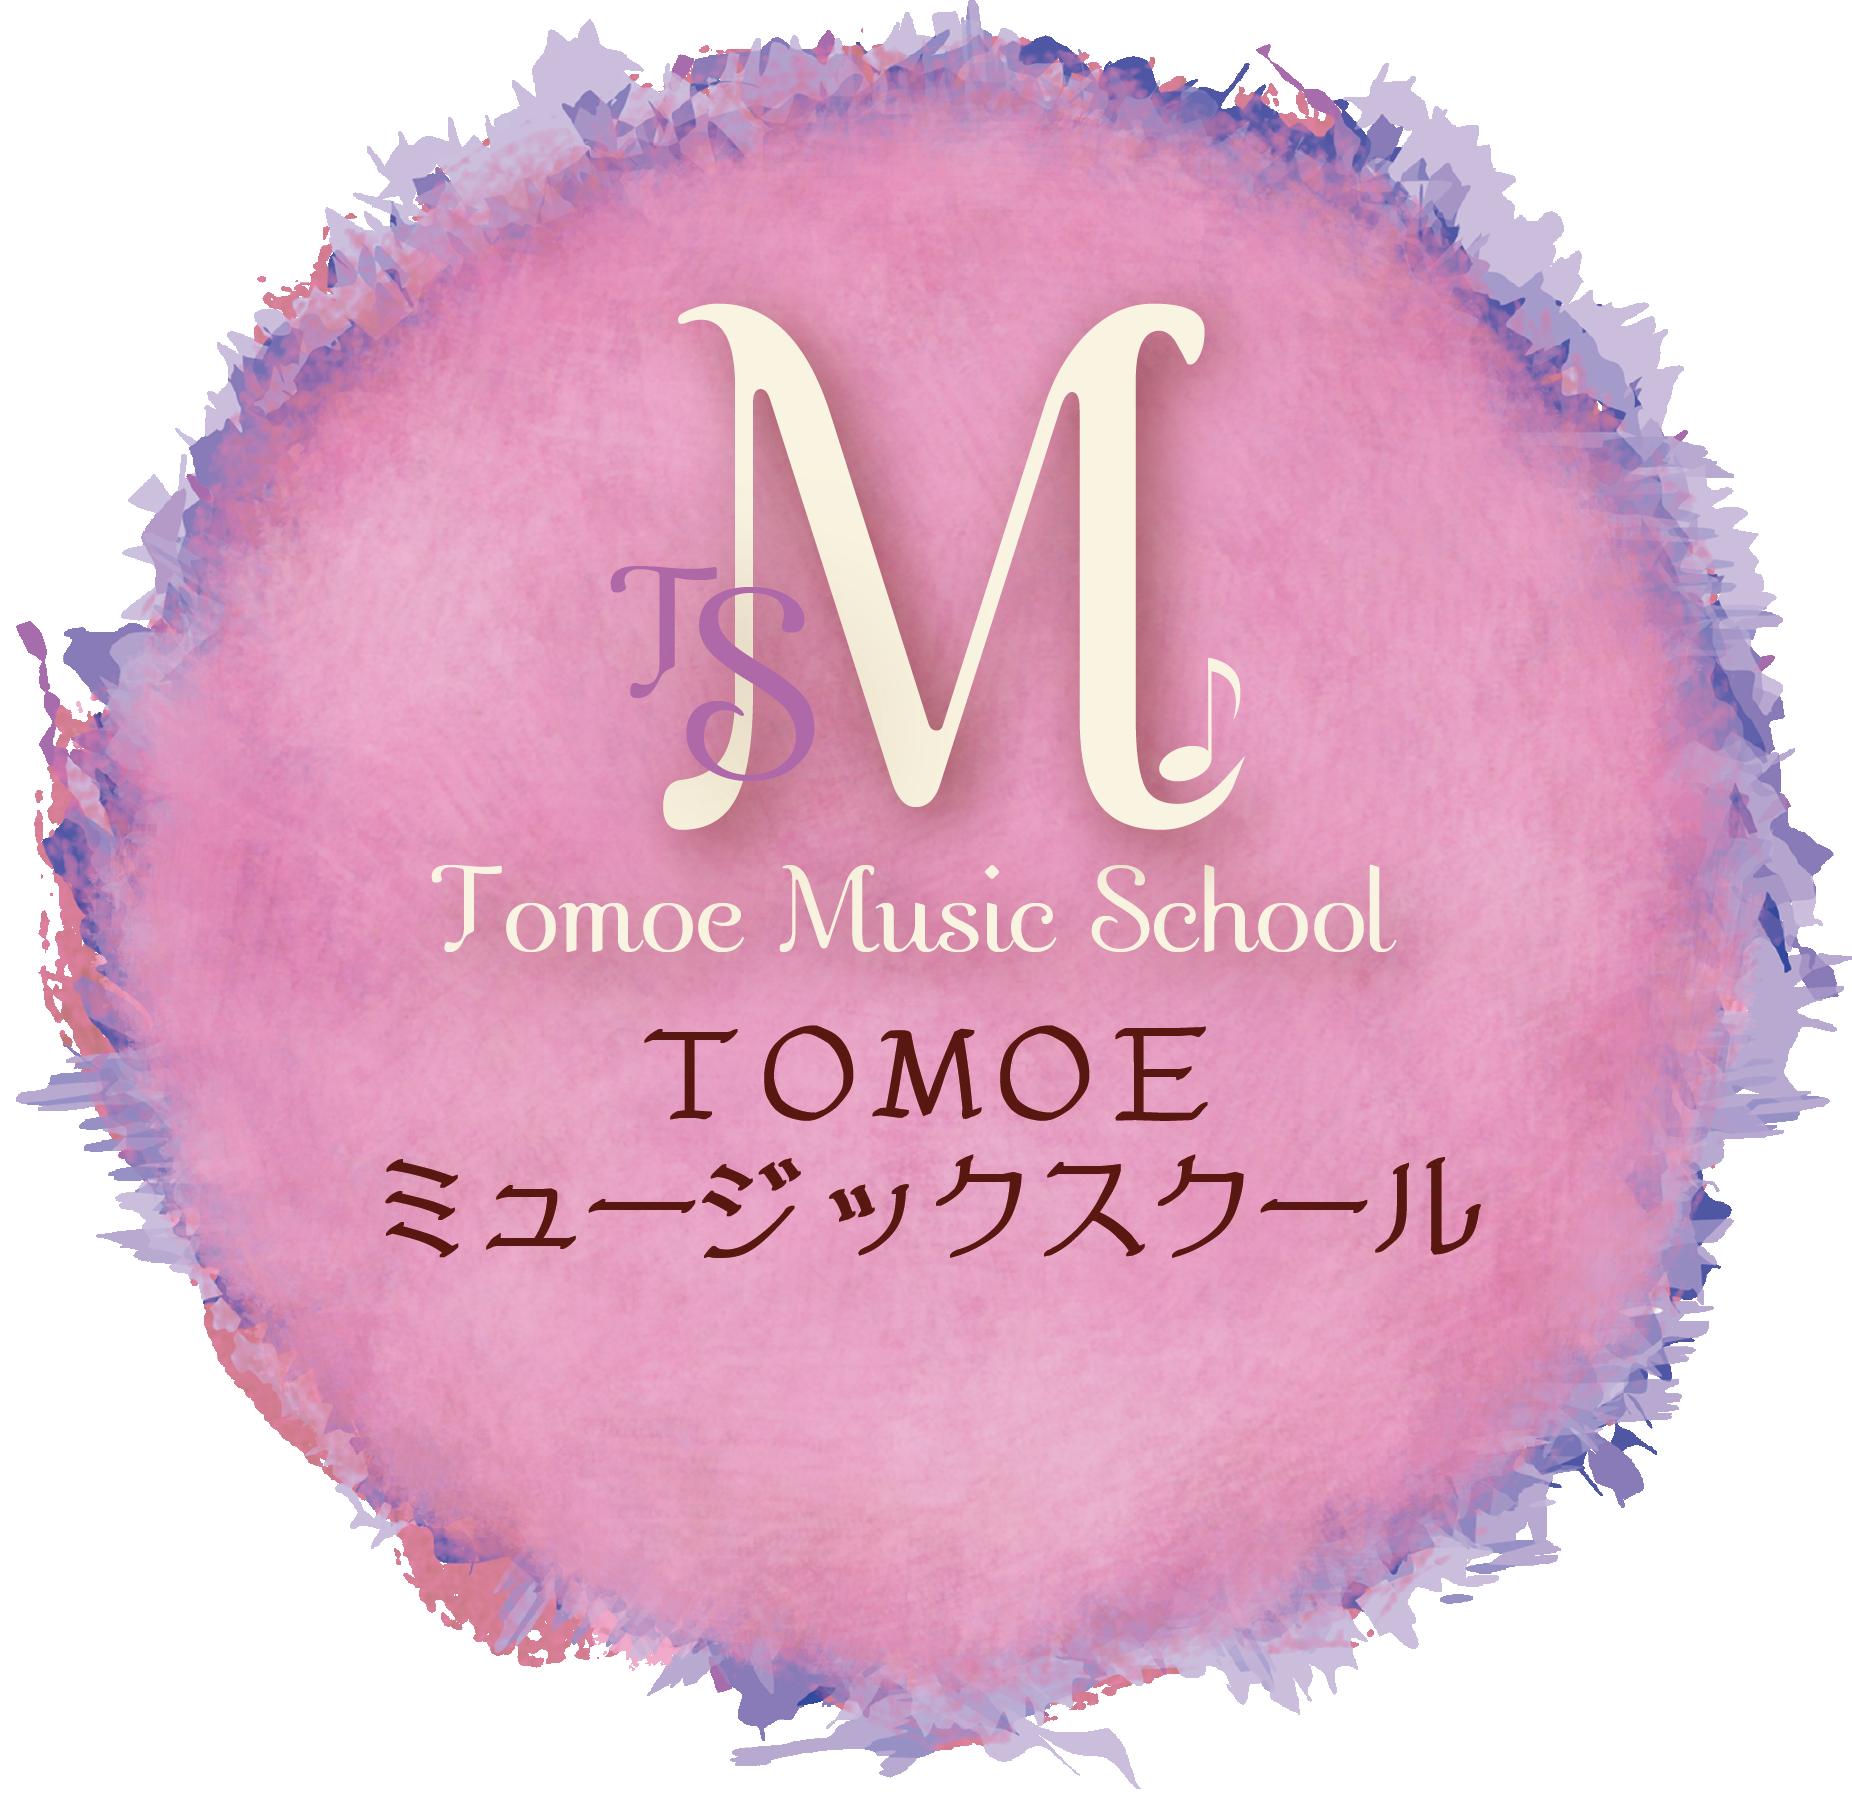 トモエミュージックスクール